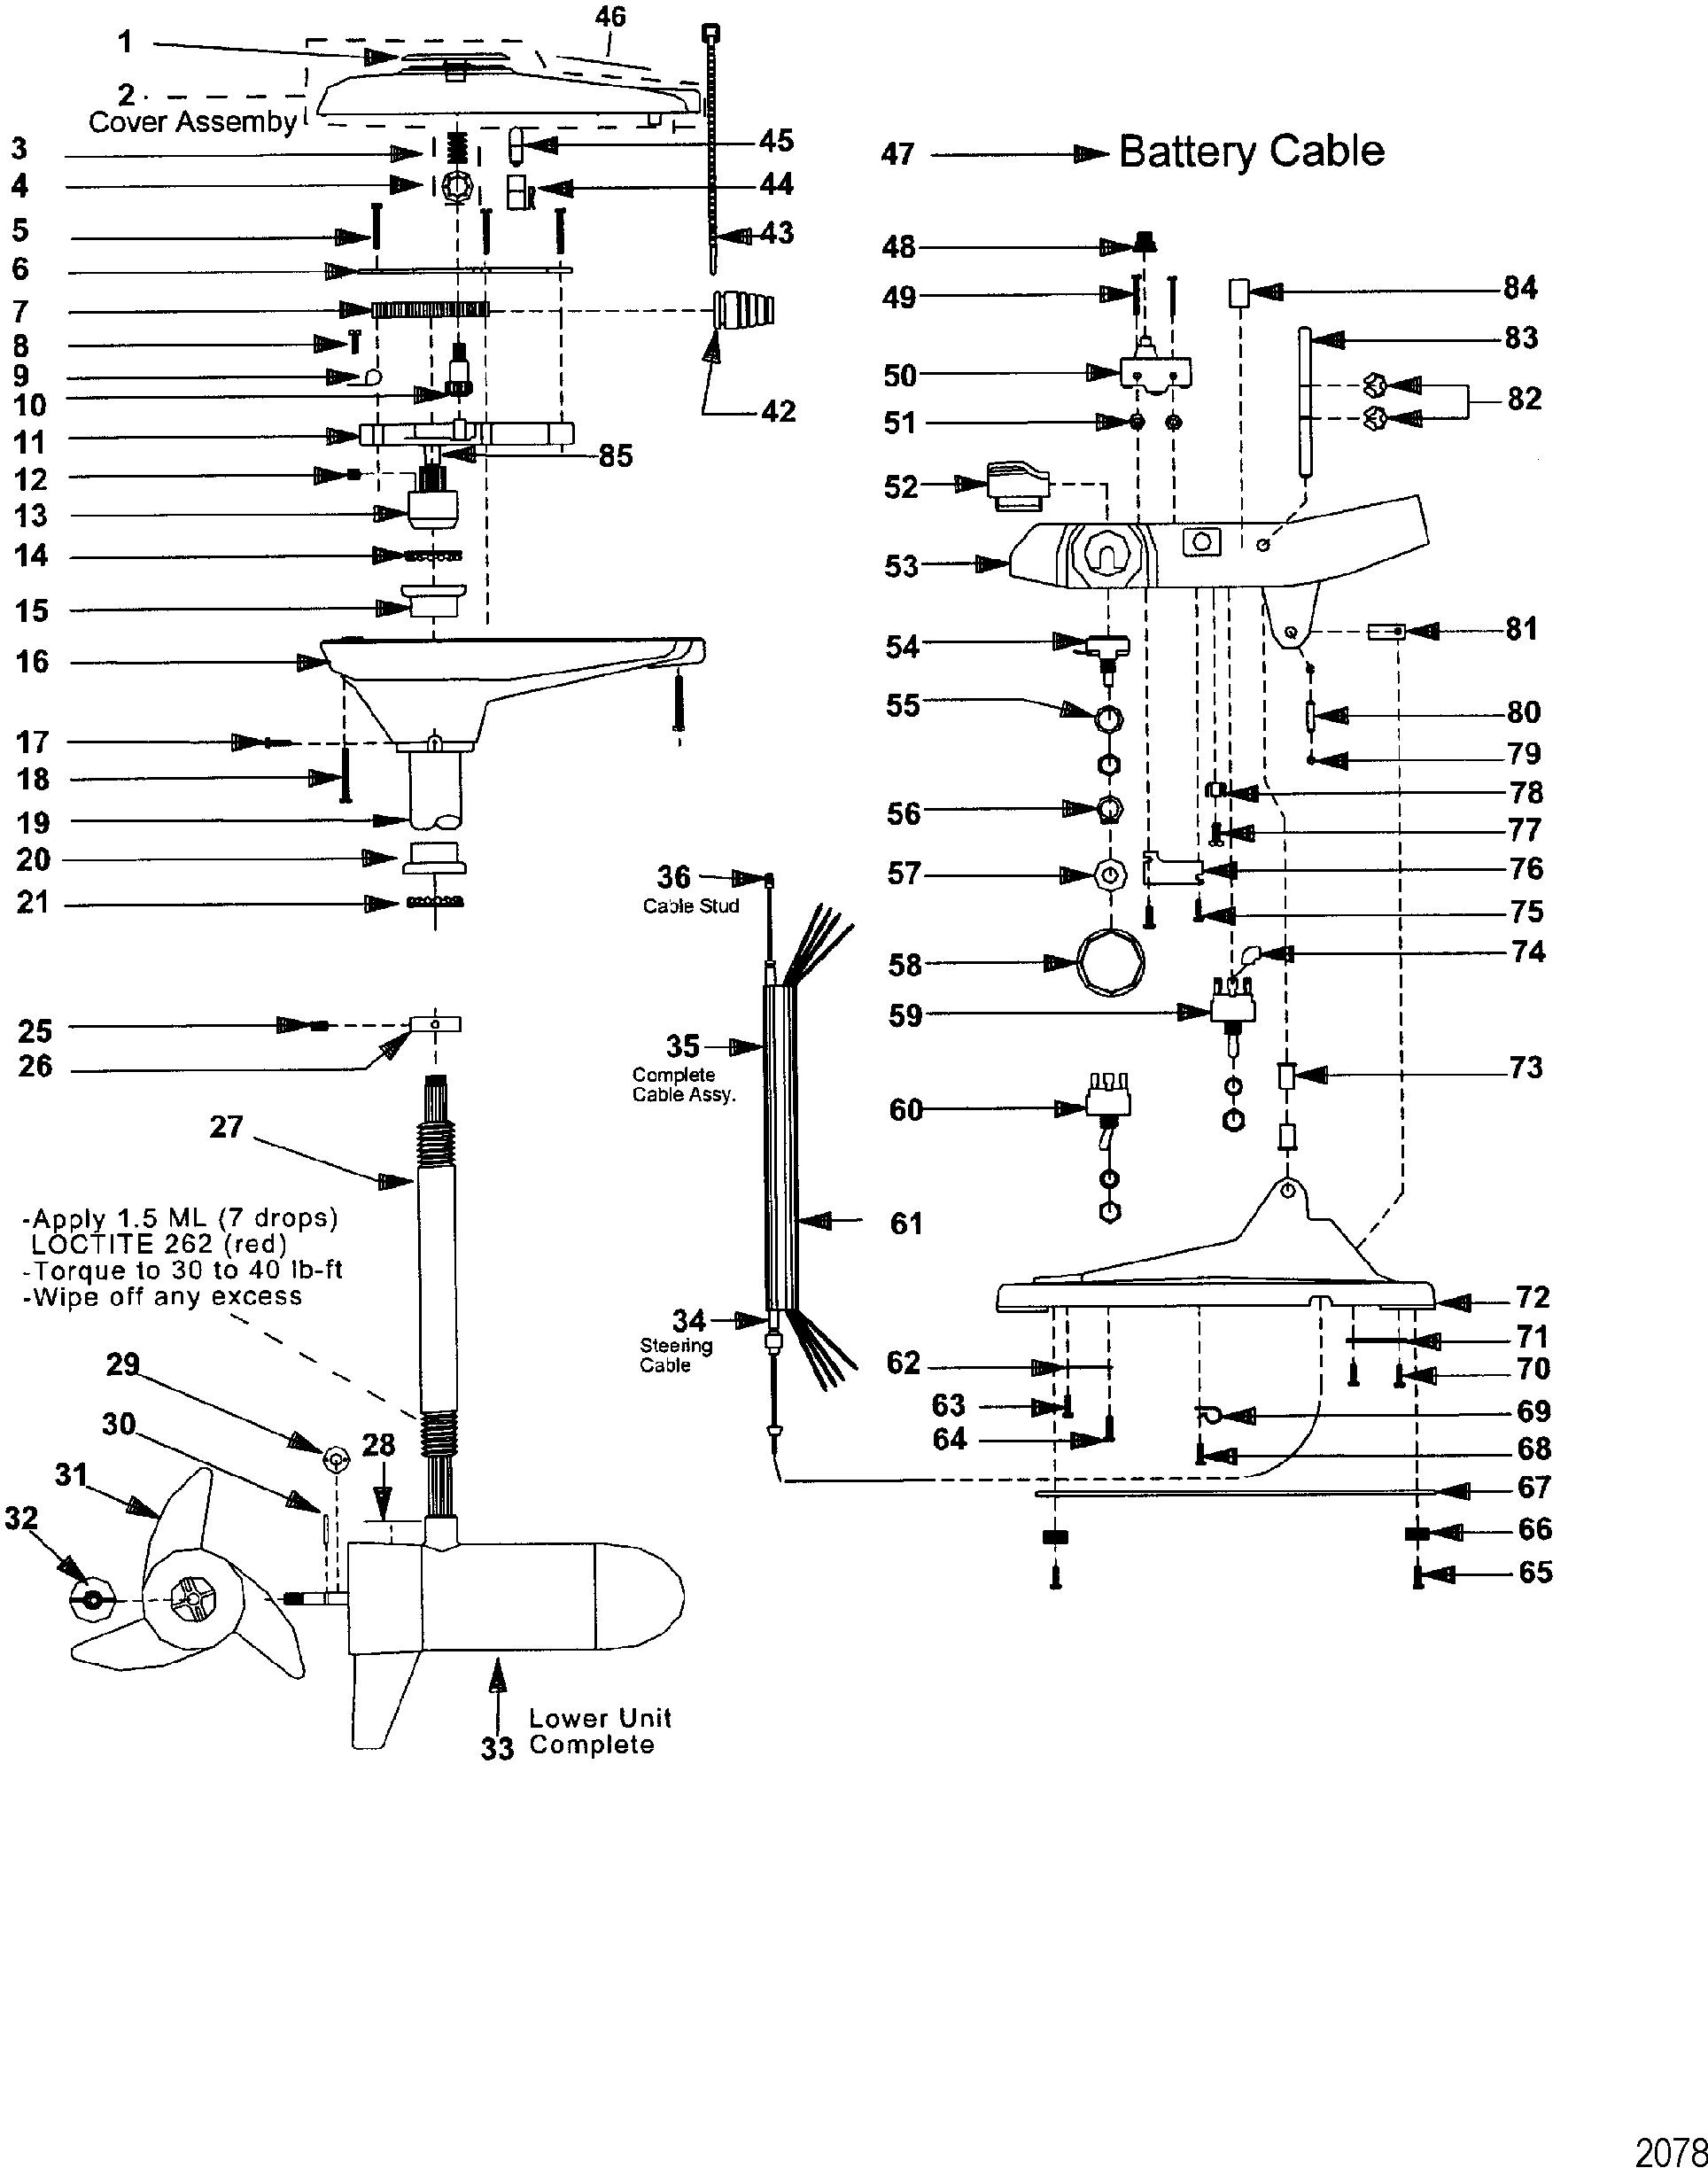 complete trolling motor model 743 12 volt for motorguide motorguide 700 series